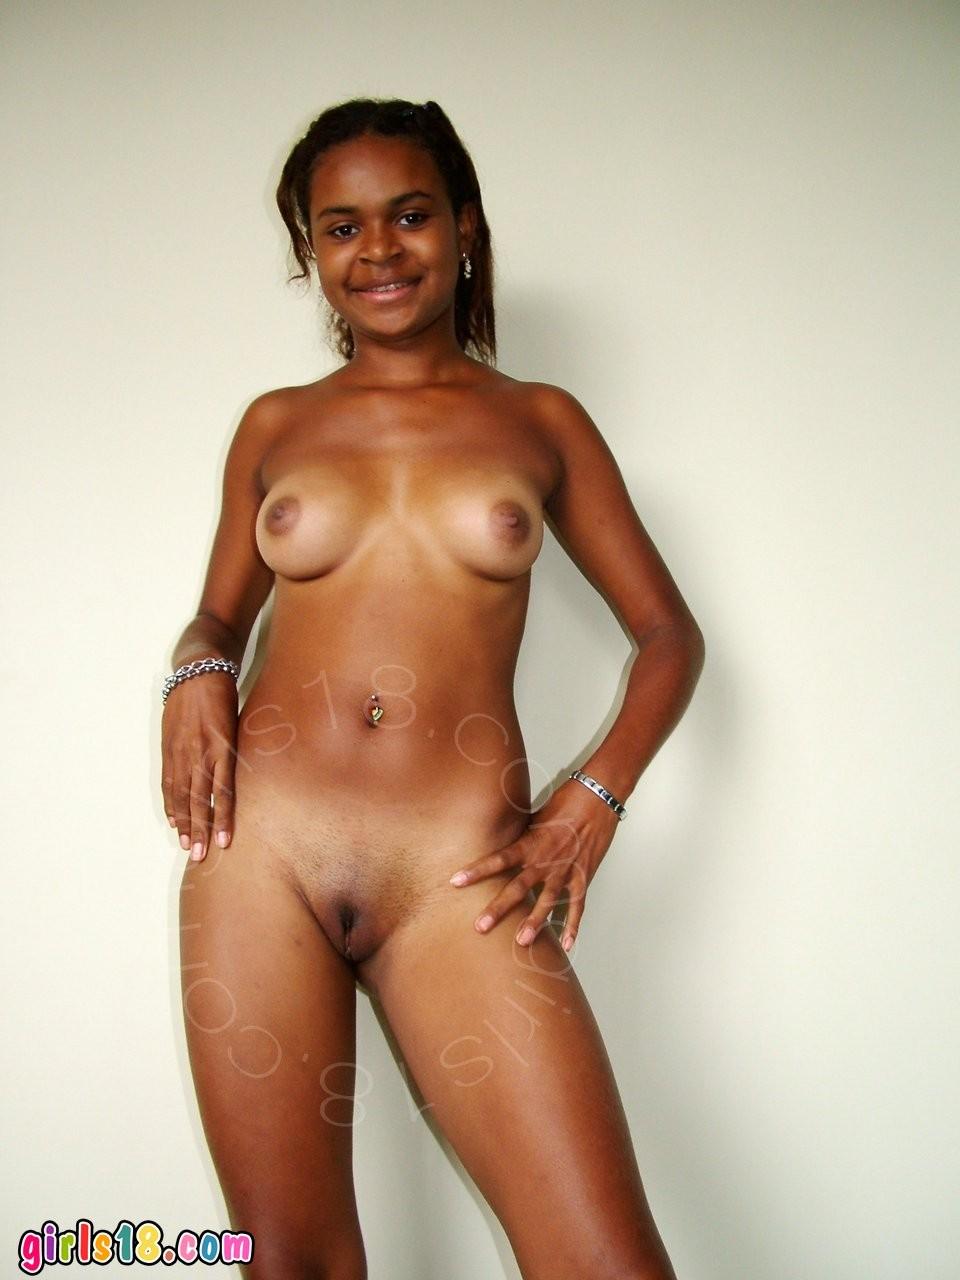 Foto De Mulheres Peladas Nuas Negras